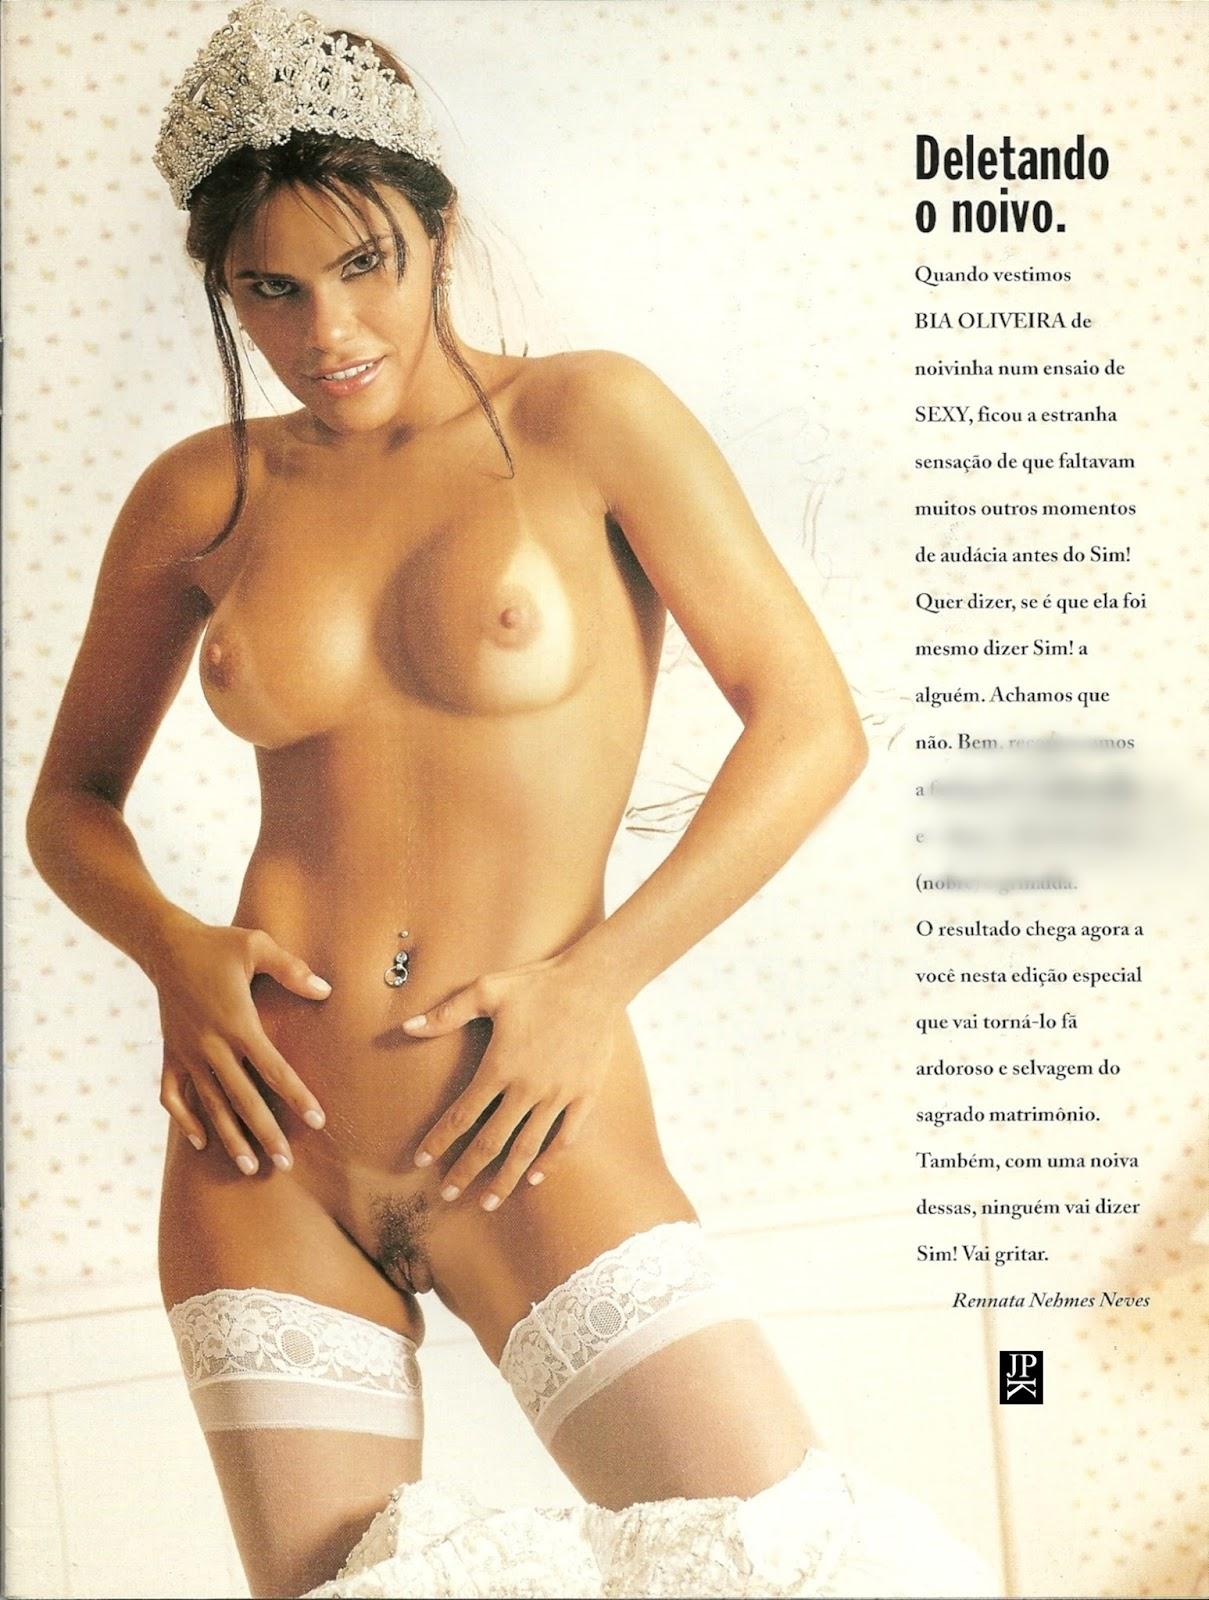 Joana Pelada sexy especial - bia oliveira - famosas brasil